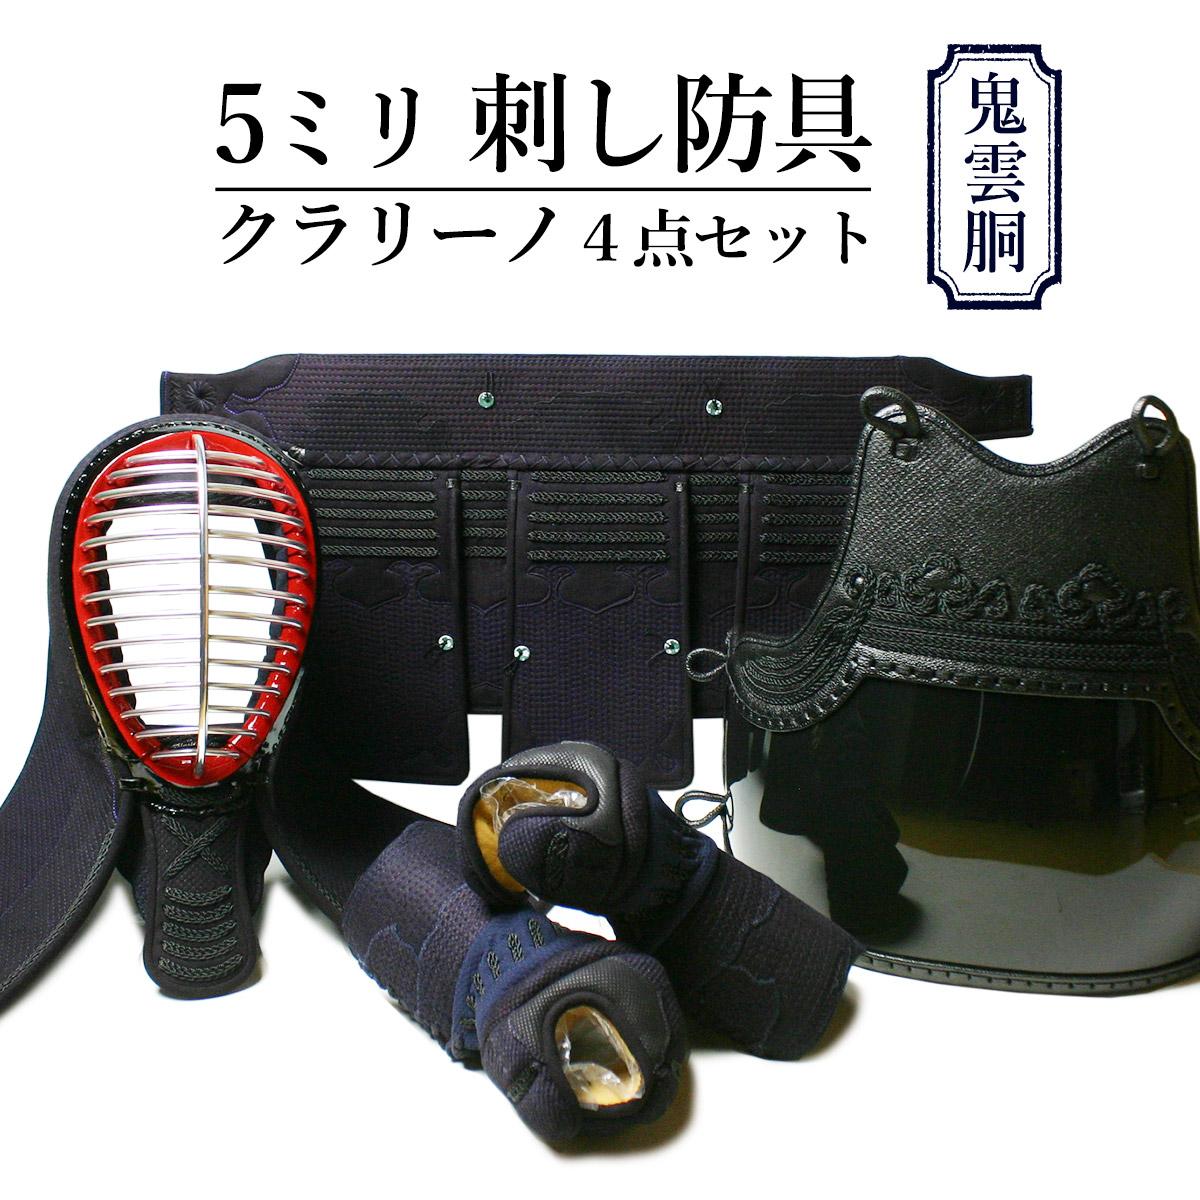 【あす楽】5ミリ刺しクラリーノ・剣道防具シンプル4点セット